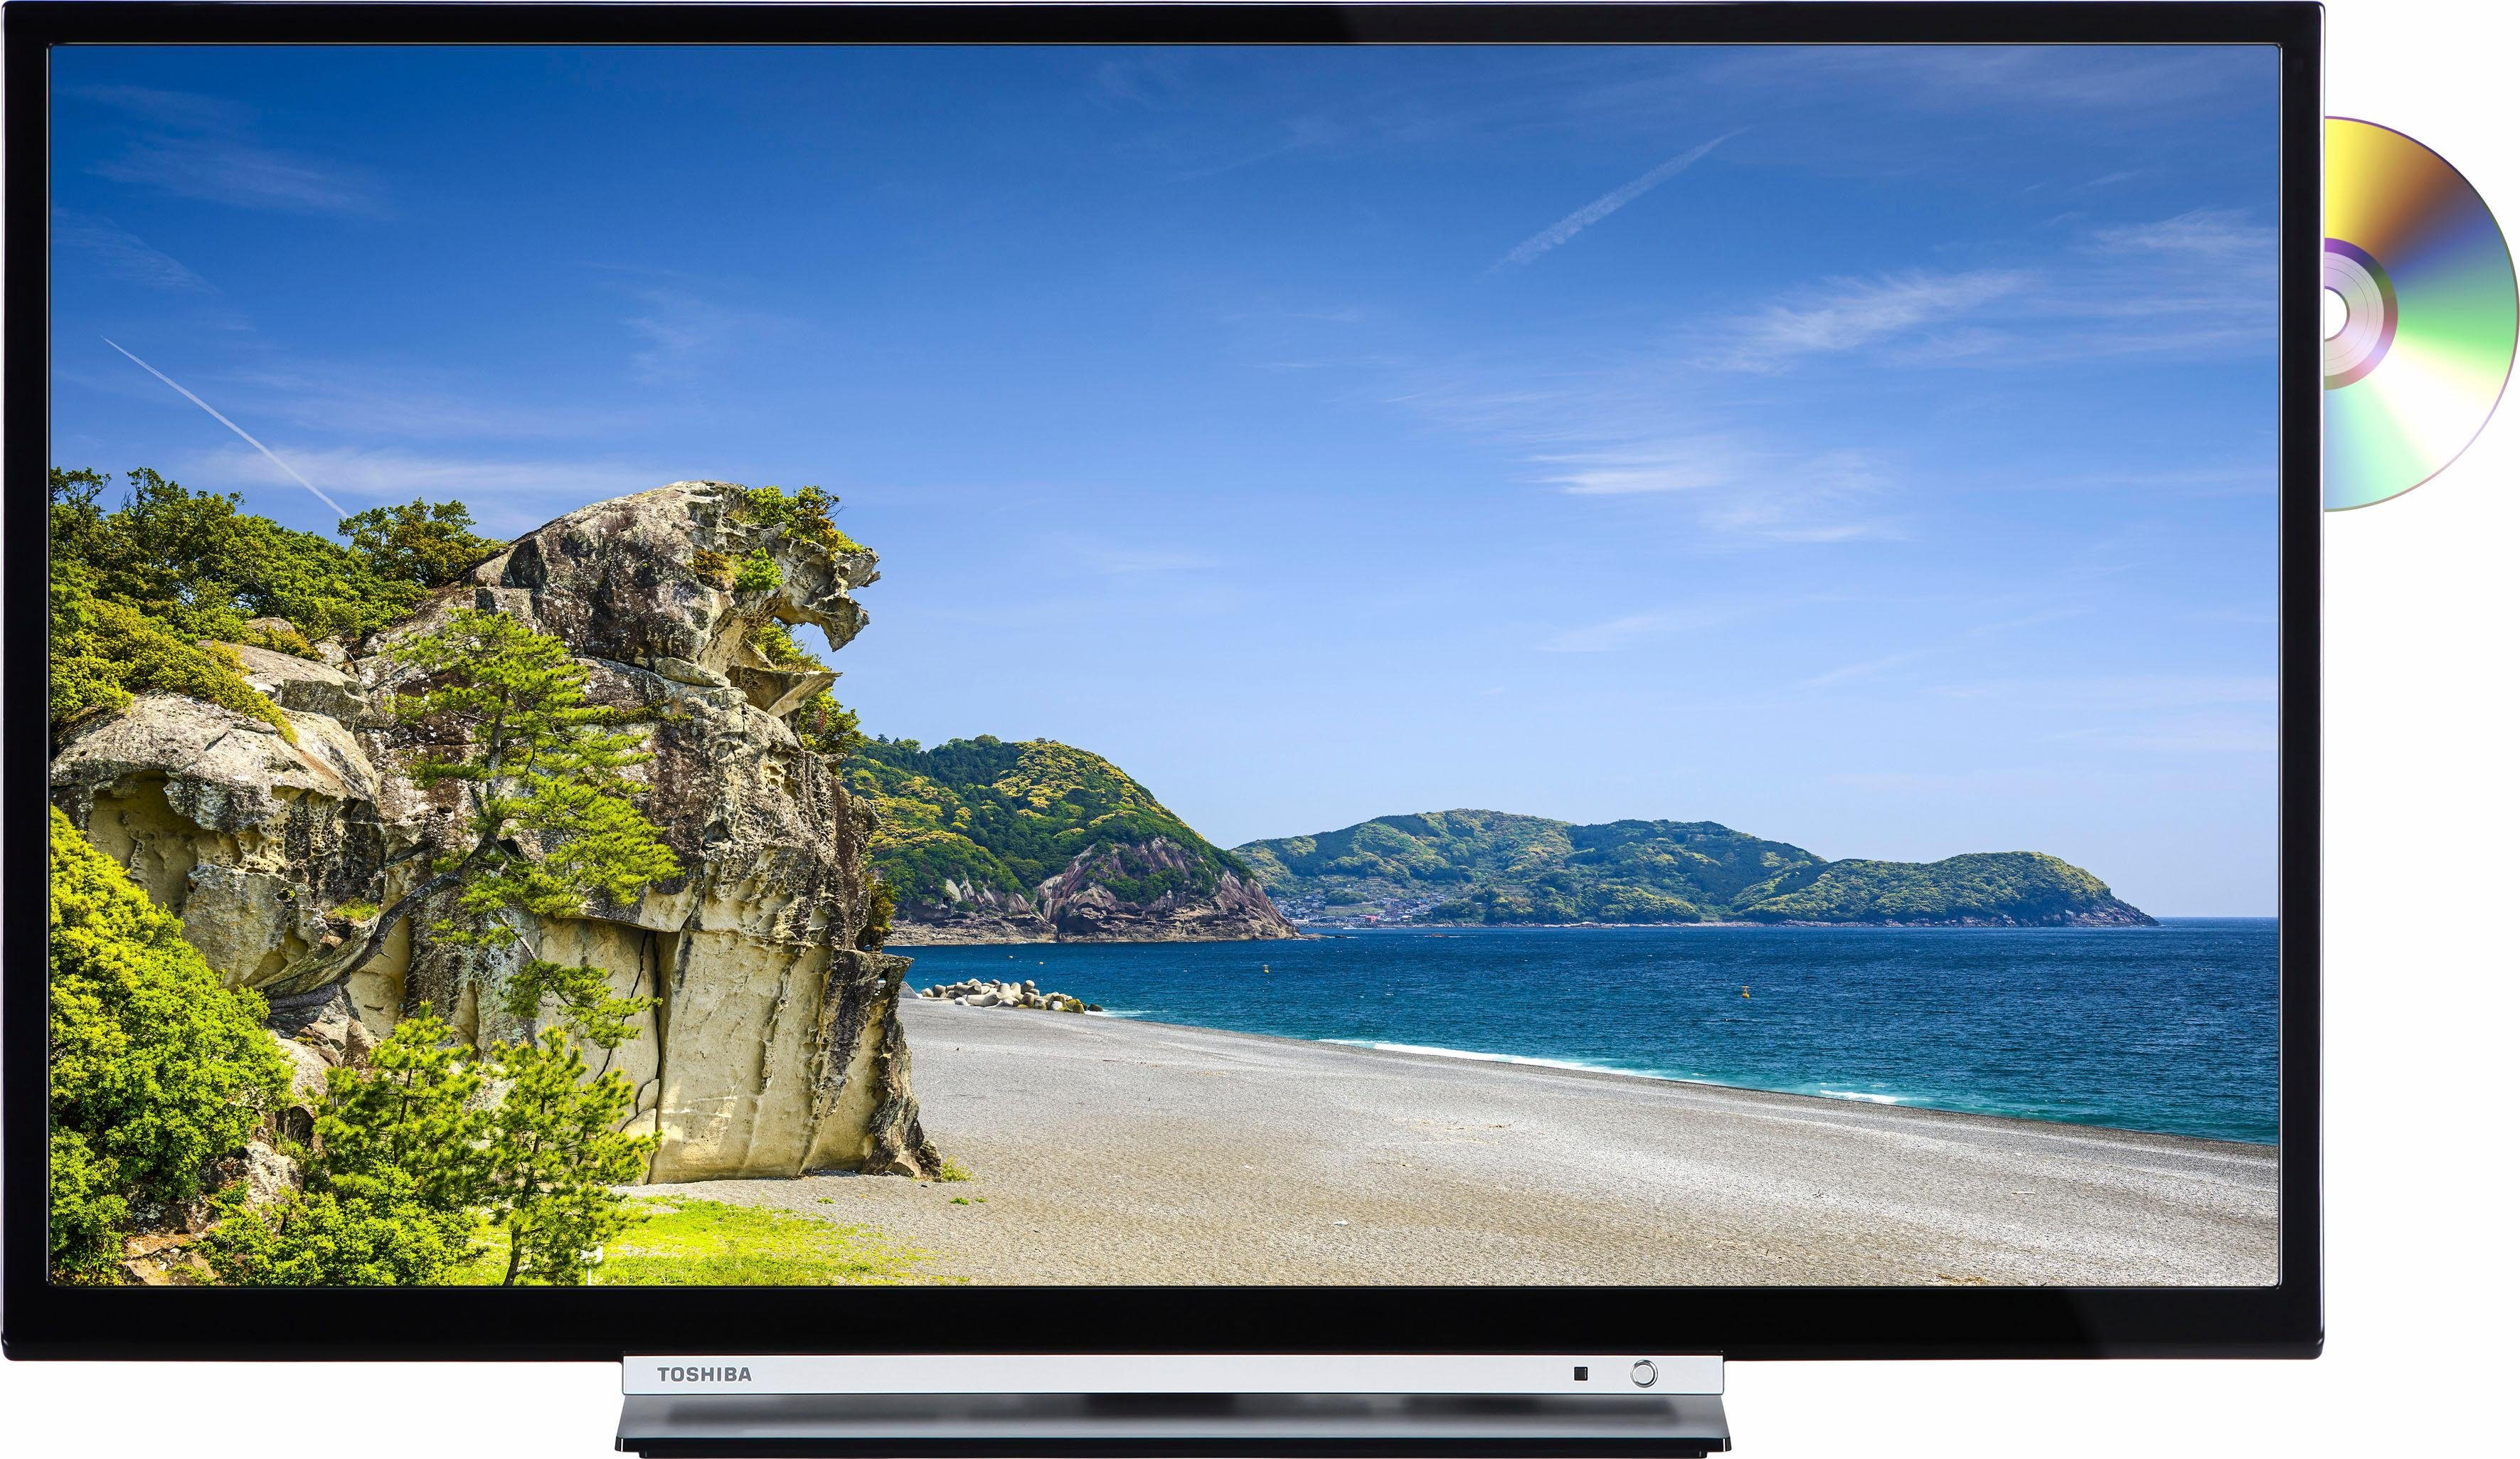 Toshiba 32D3763DA LED-Fernseher (81 cm/32 Zoll, HD-ready, Smart-TV, integrierter DVD Player)